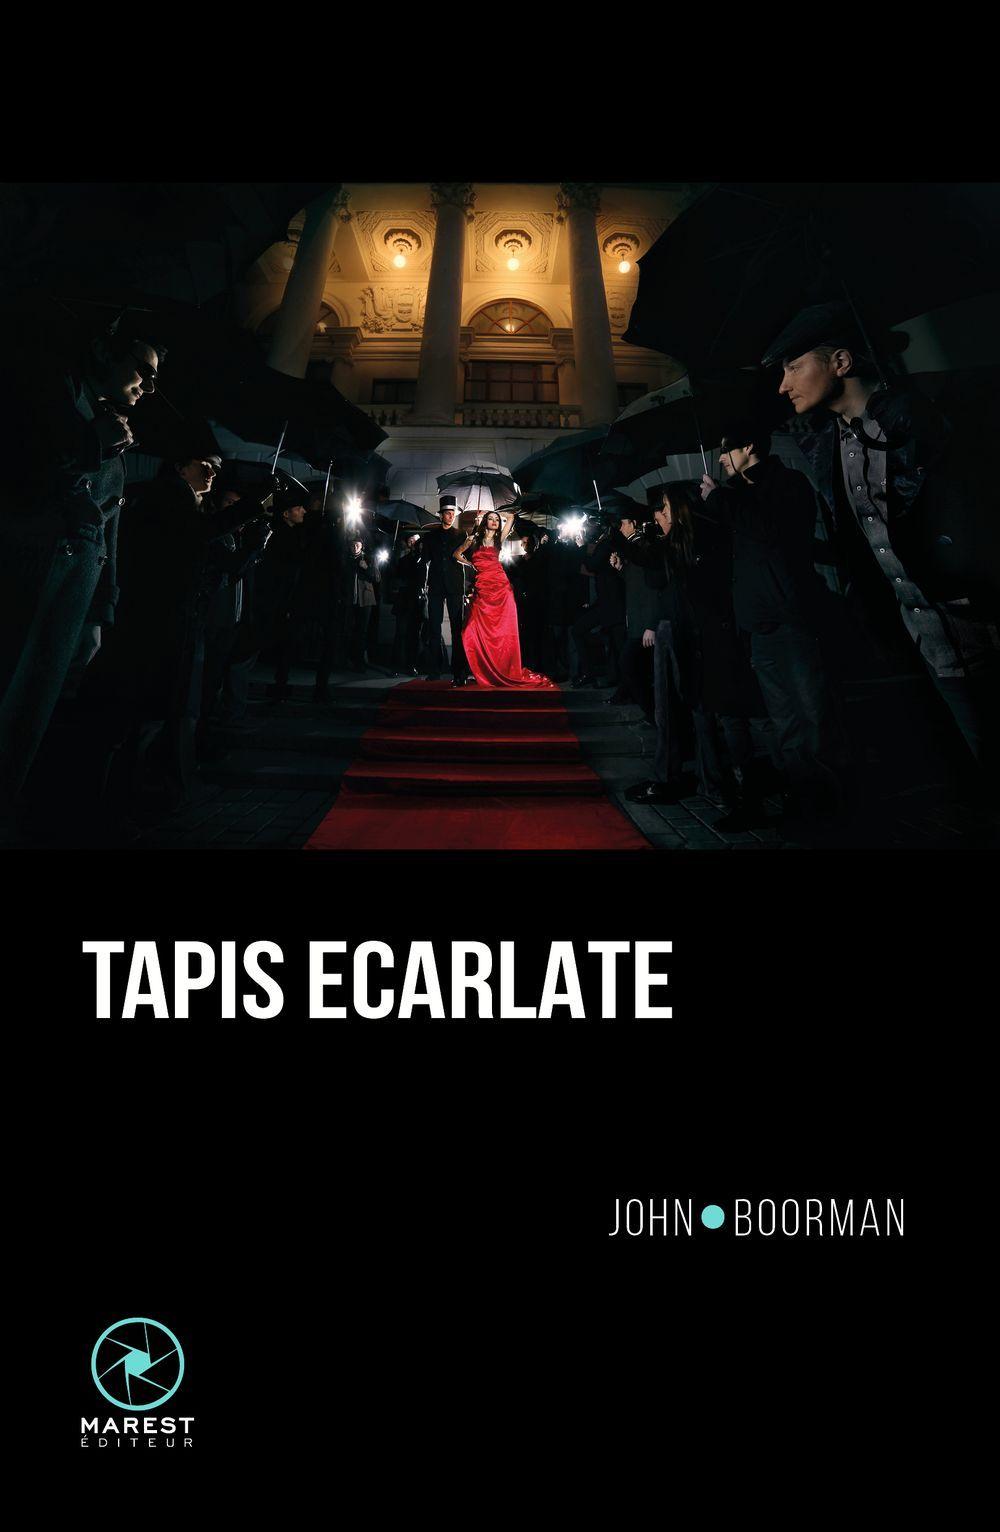 TAPIS ECARLATE